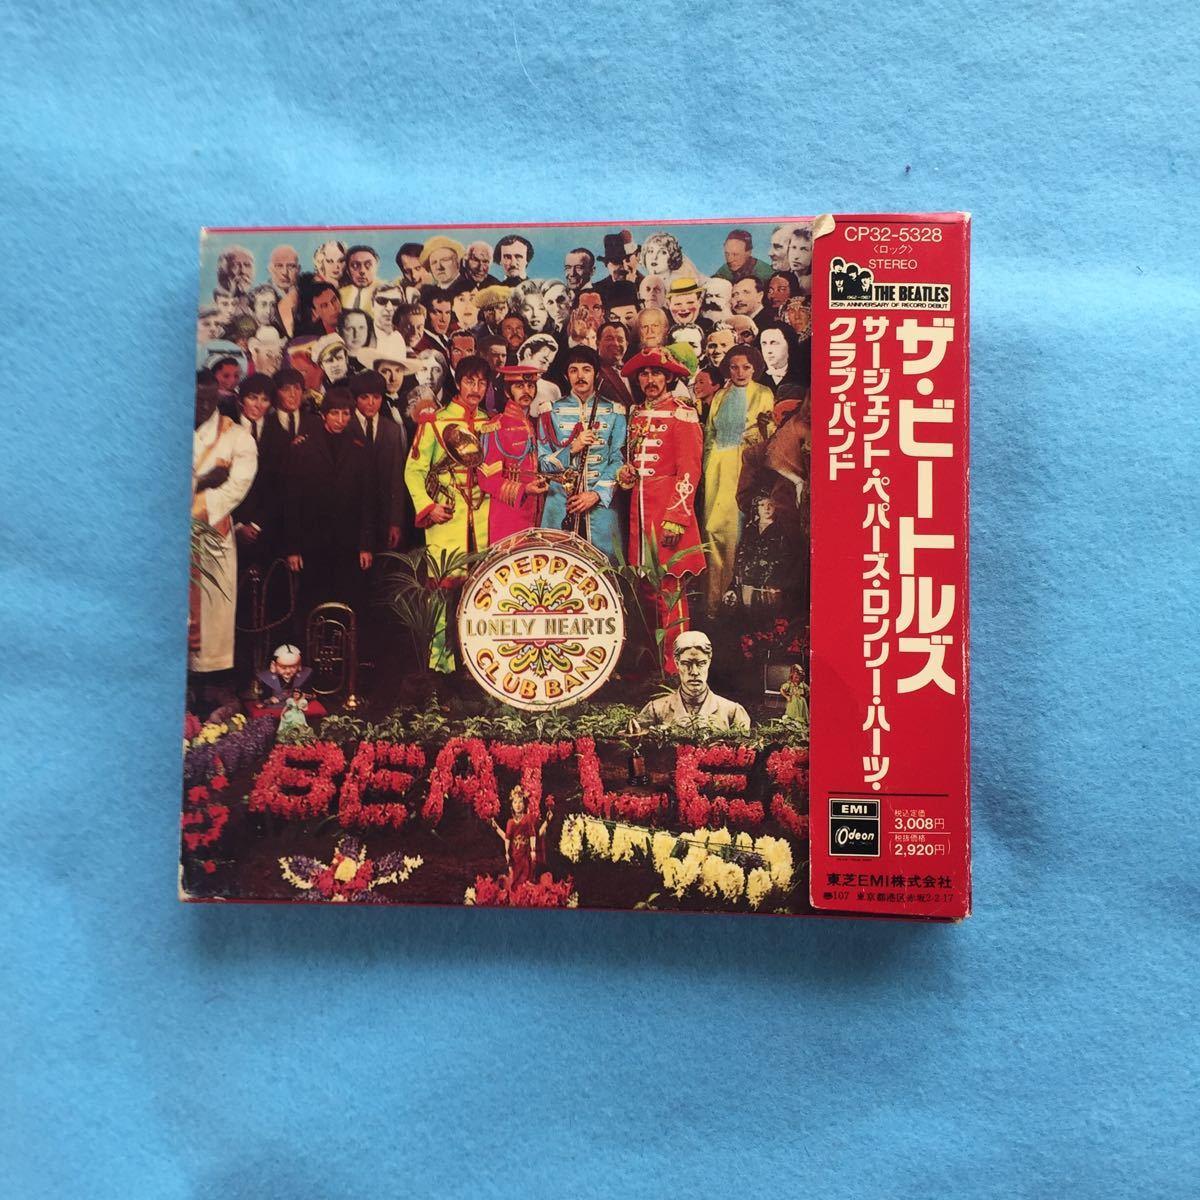 ★ ビートルズ CD サージェント ペーパーズ 、ラバーソウル 国内盤 日本語訳歌詞カードあり